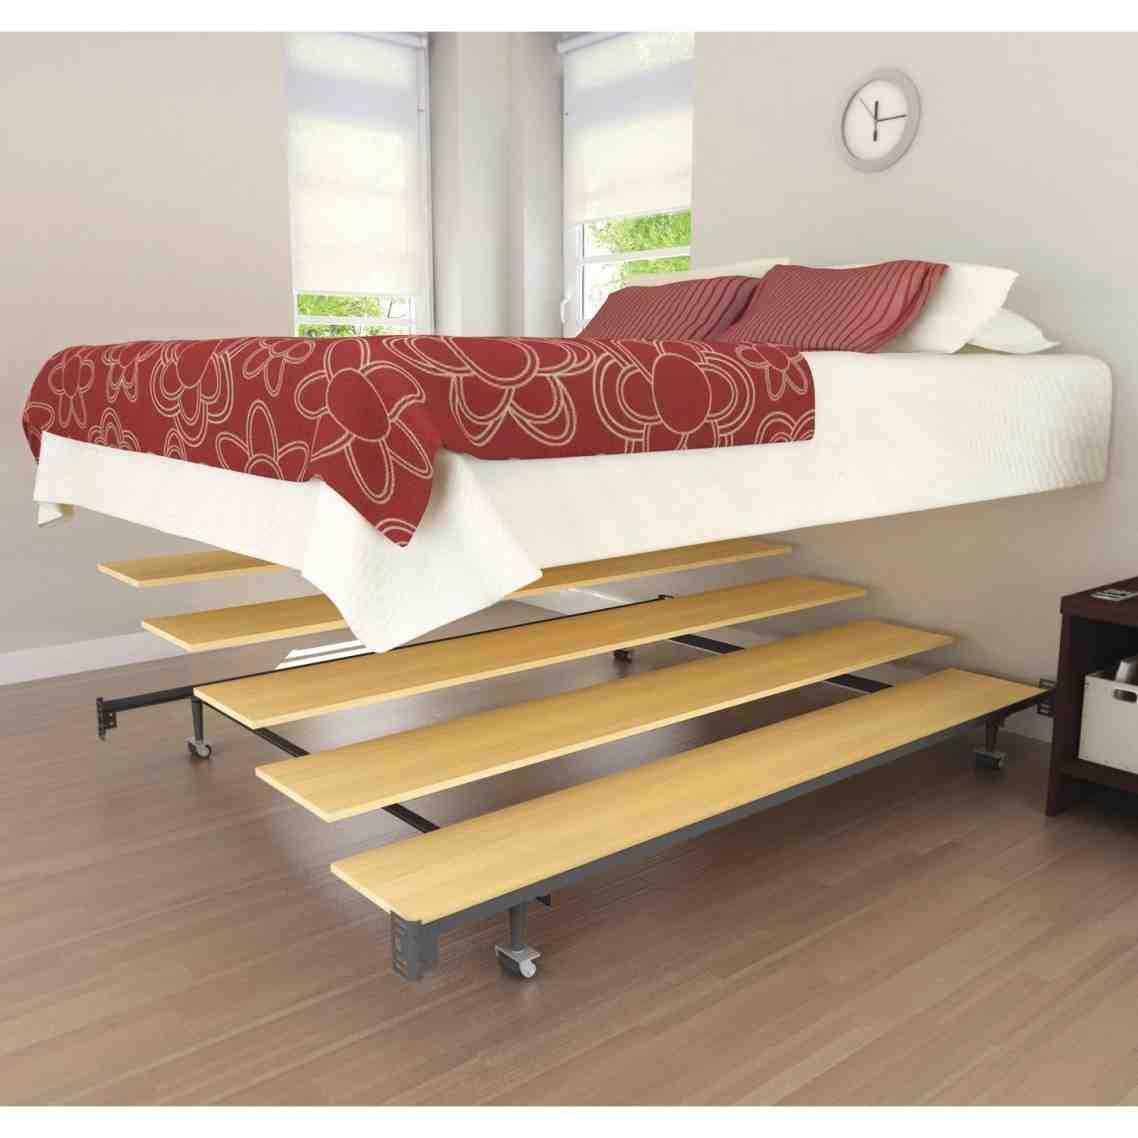 Full Size Adjustable Bed Frame